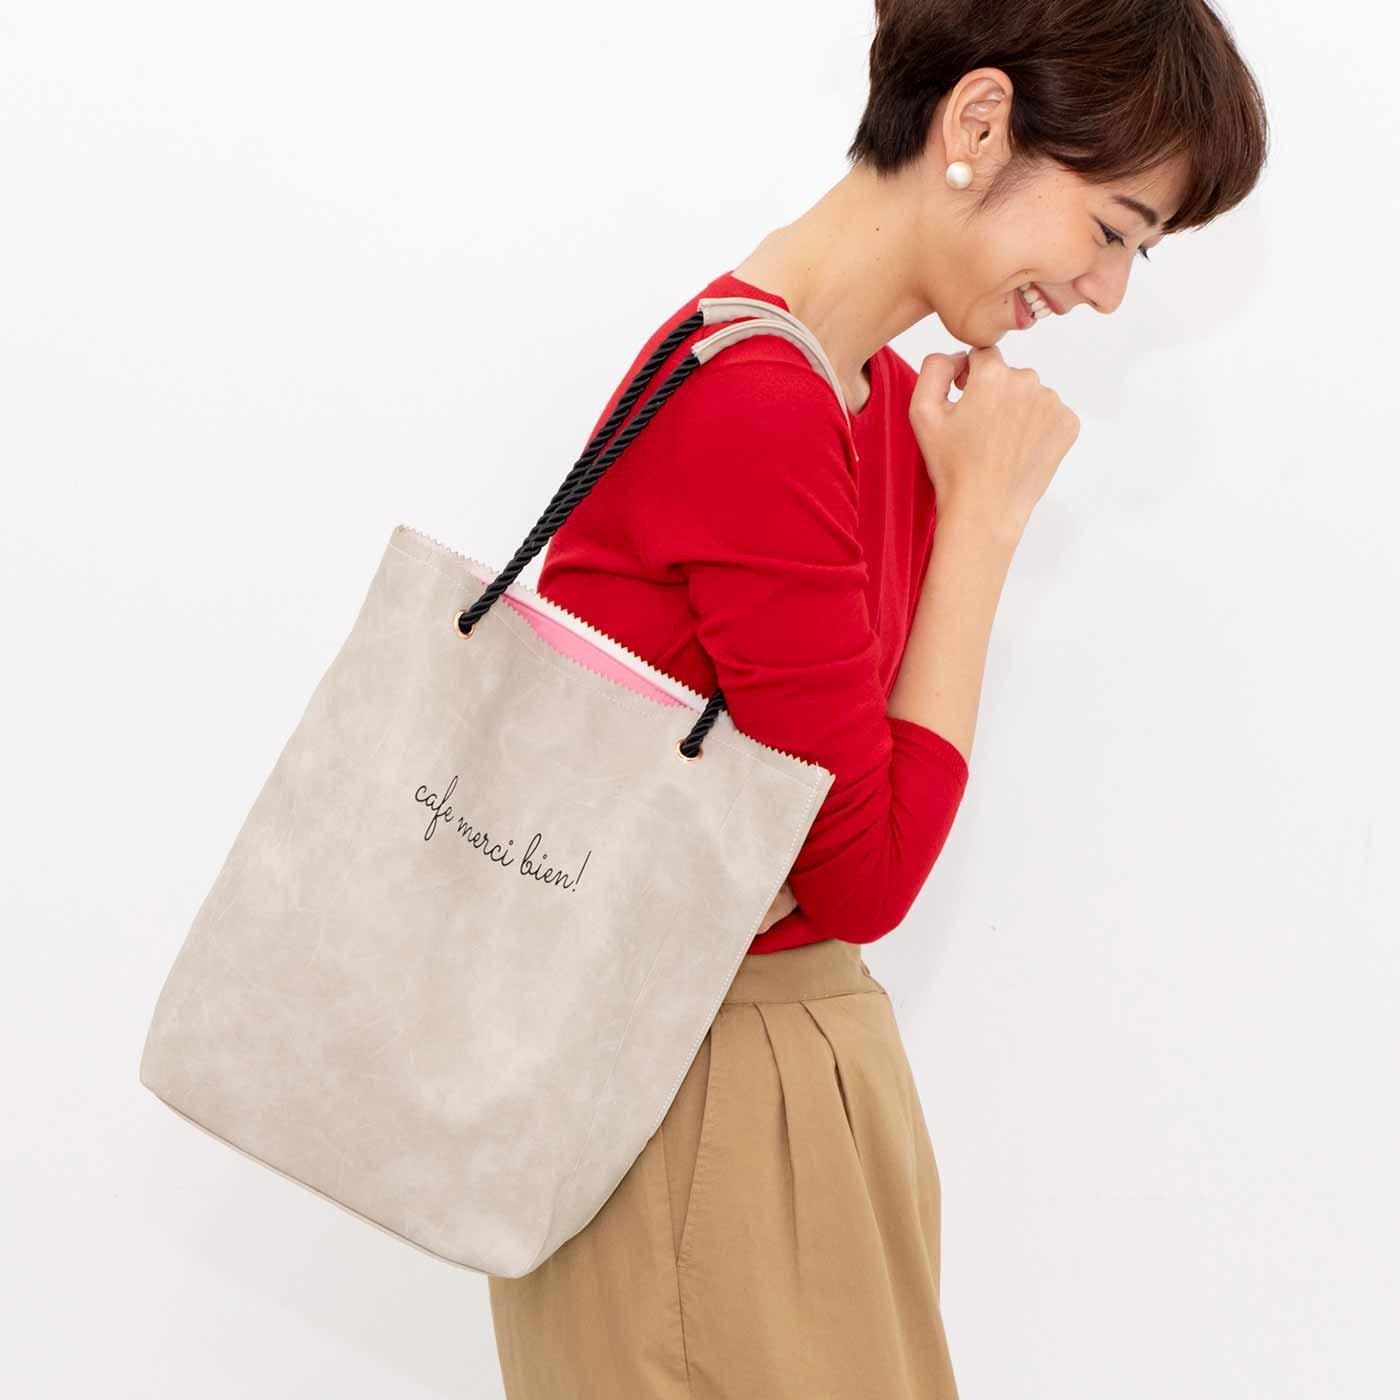 いつものバッグにプラスが便利 紙袋みたいな薄まちすっきりトートバッグの会